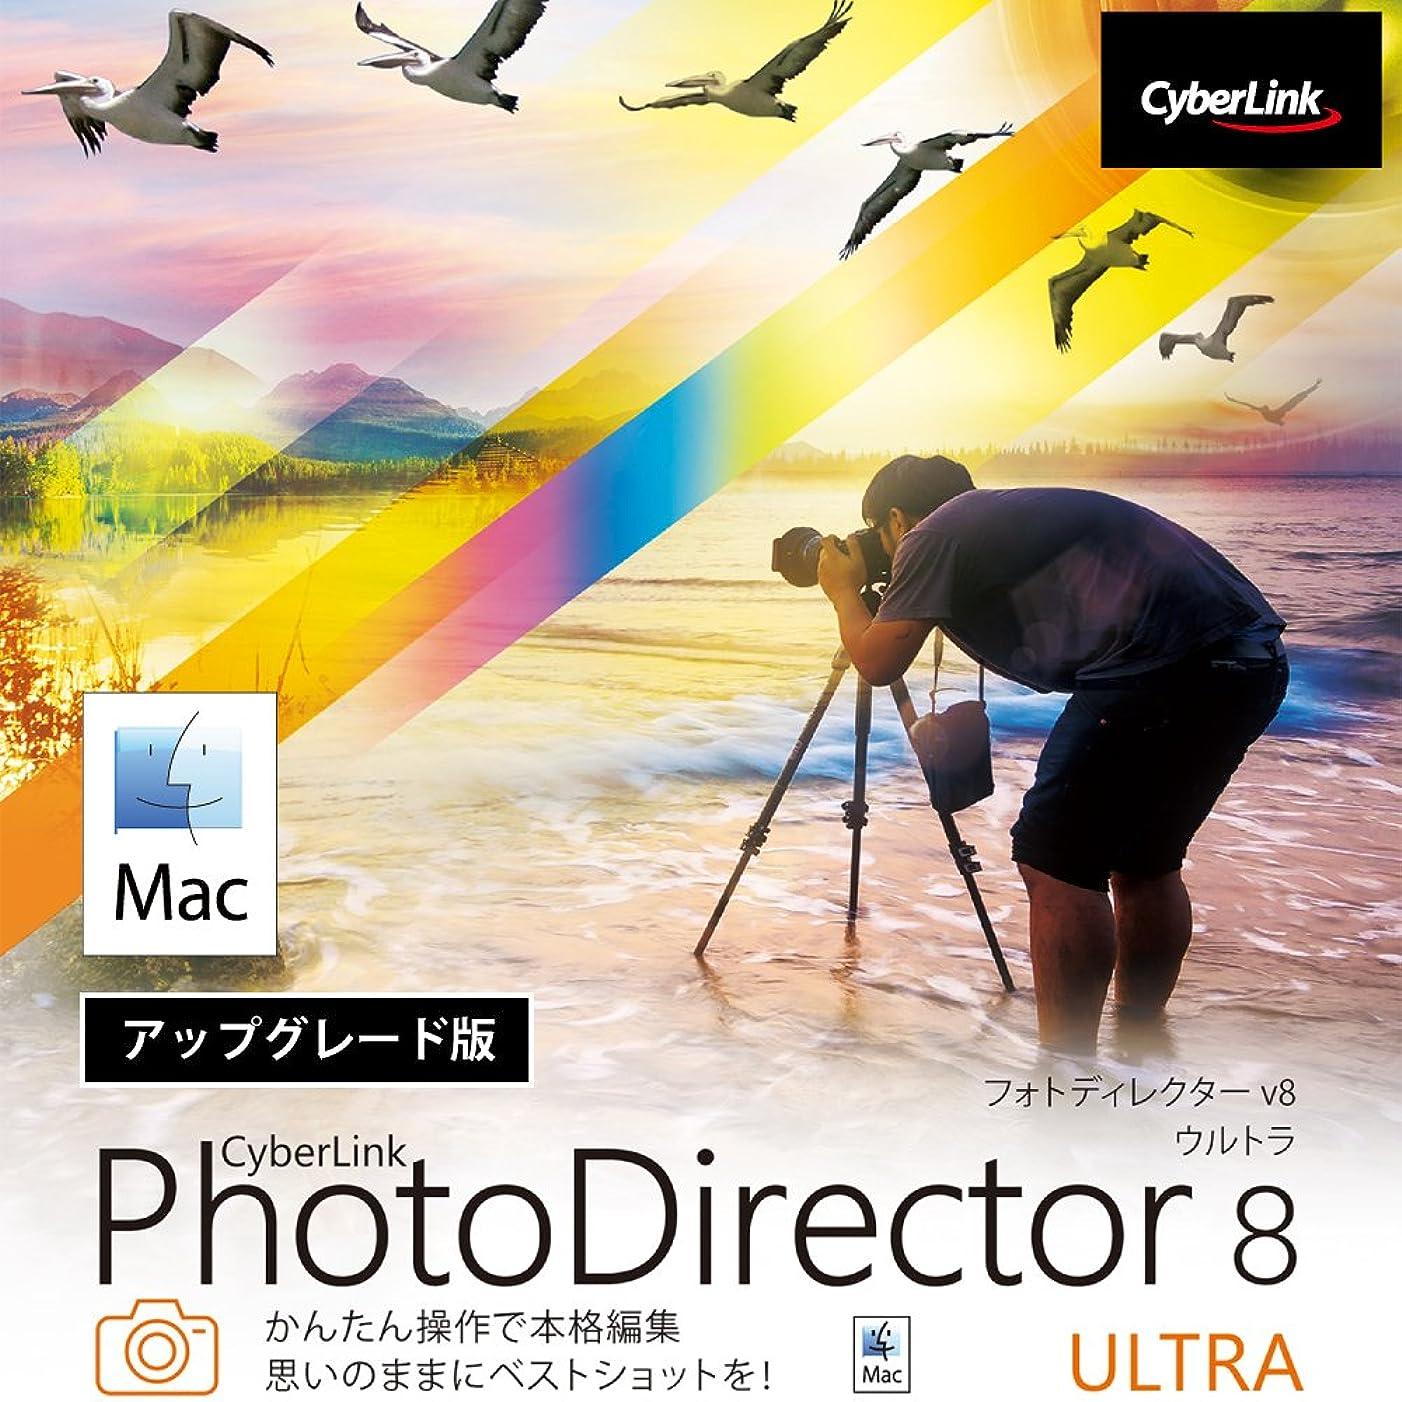 価値のない果てしない愚かPhotoDirector 8 Ultra Macintosh用 アップグレード版 |ダウンロード版